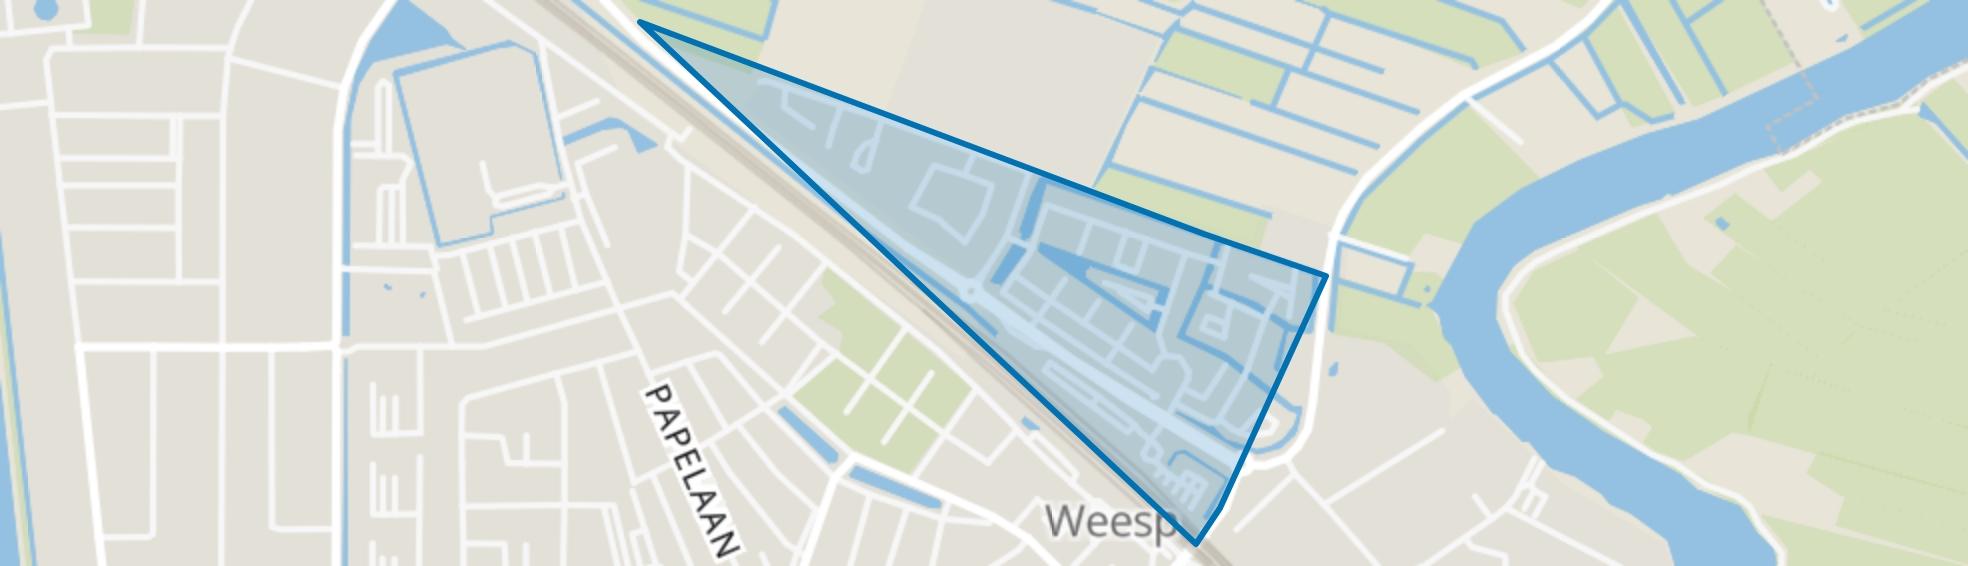 Leeuwenveld, Weesp map